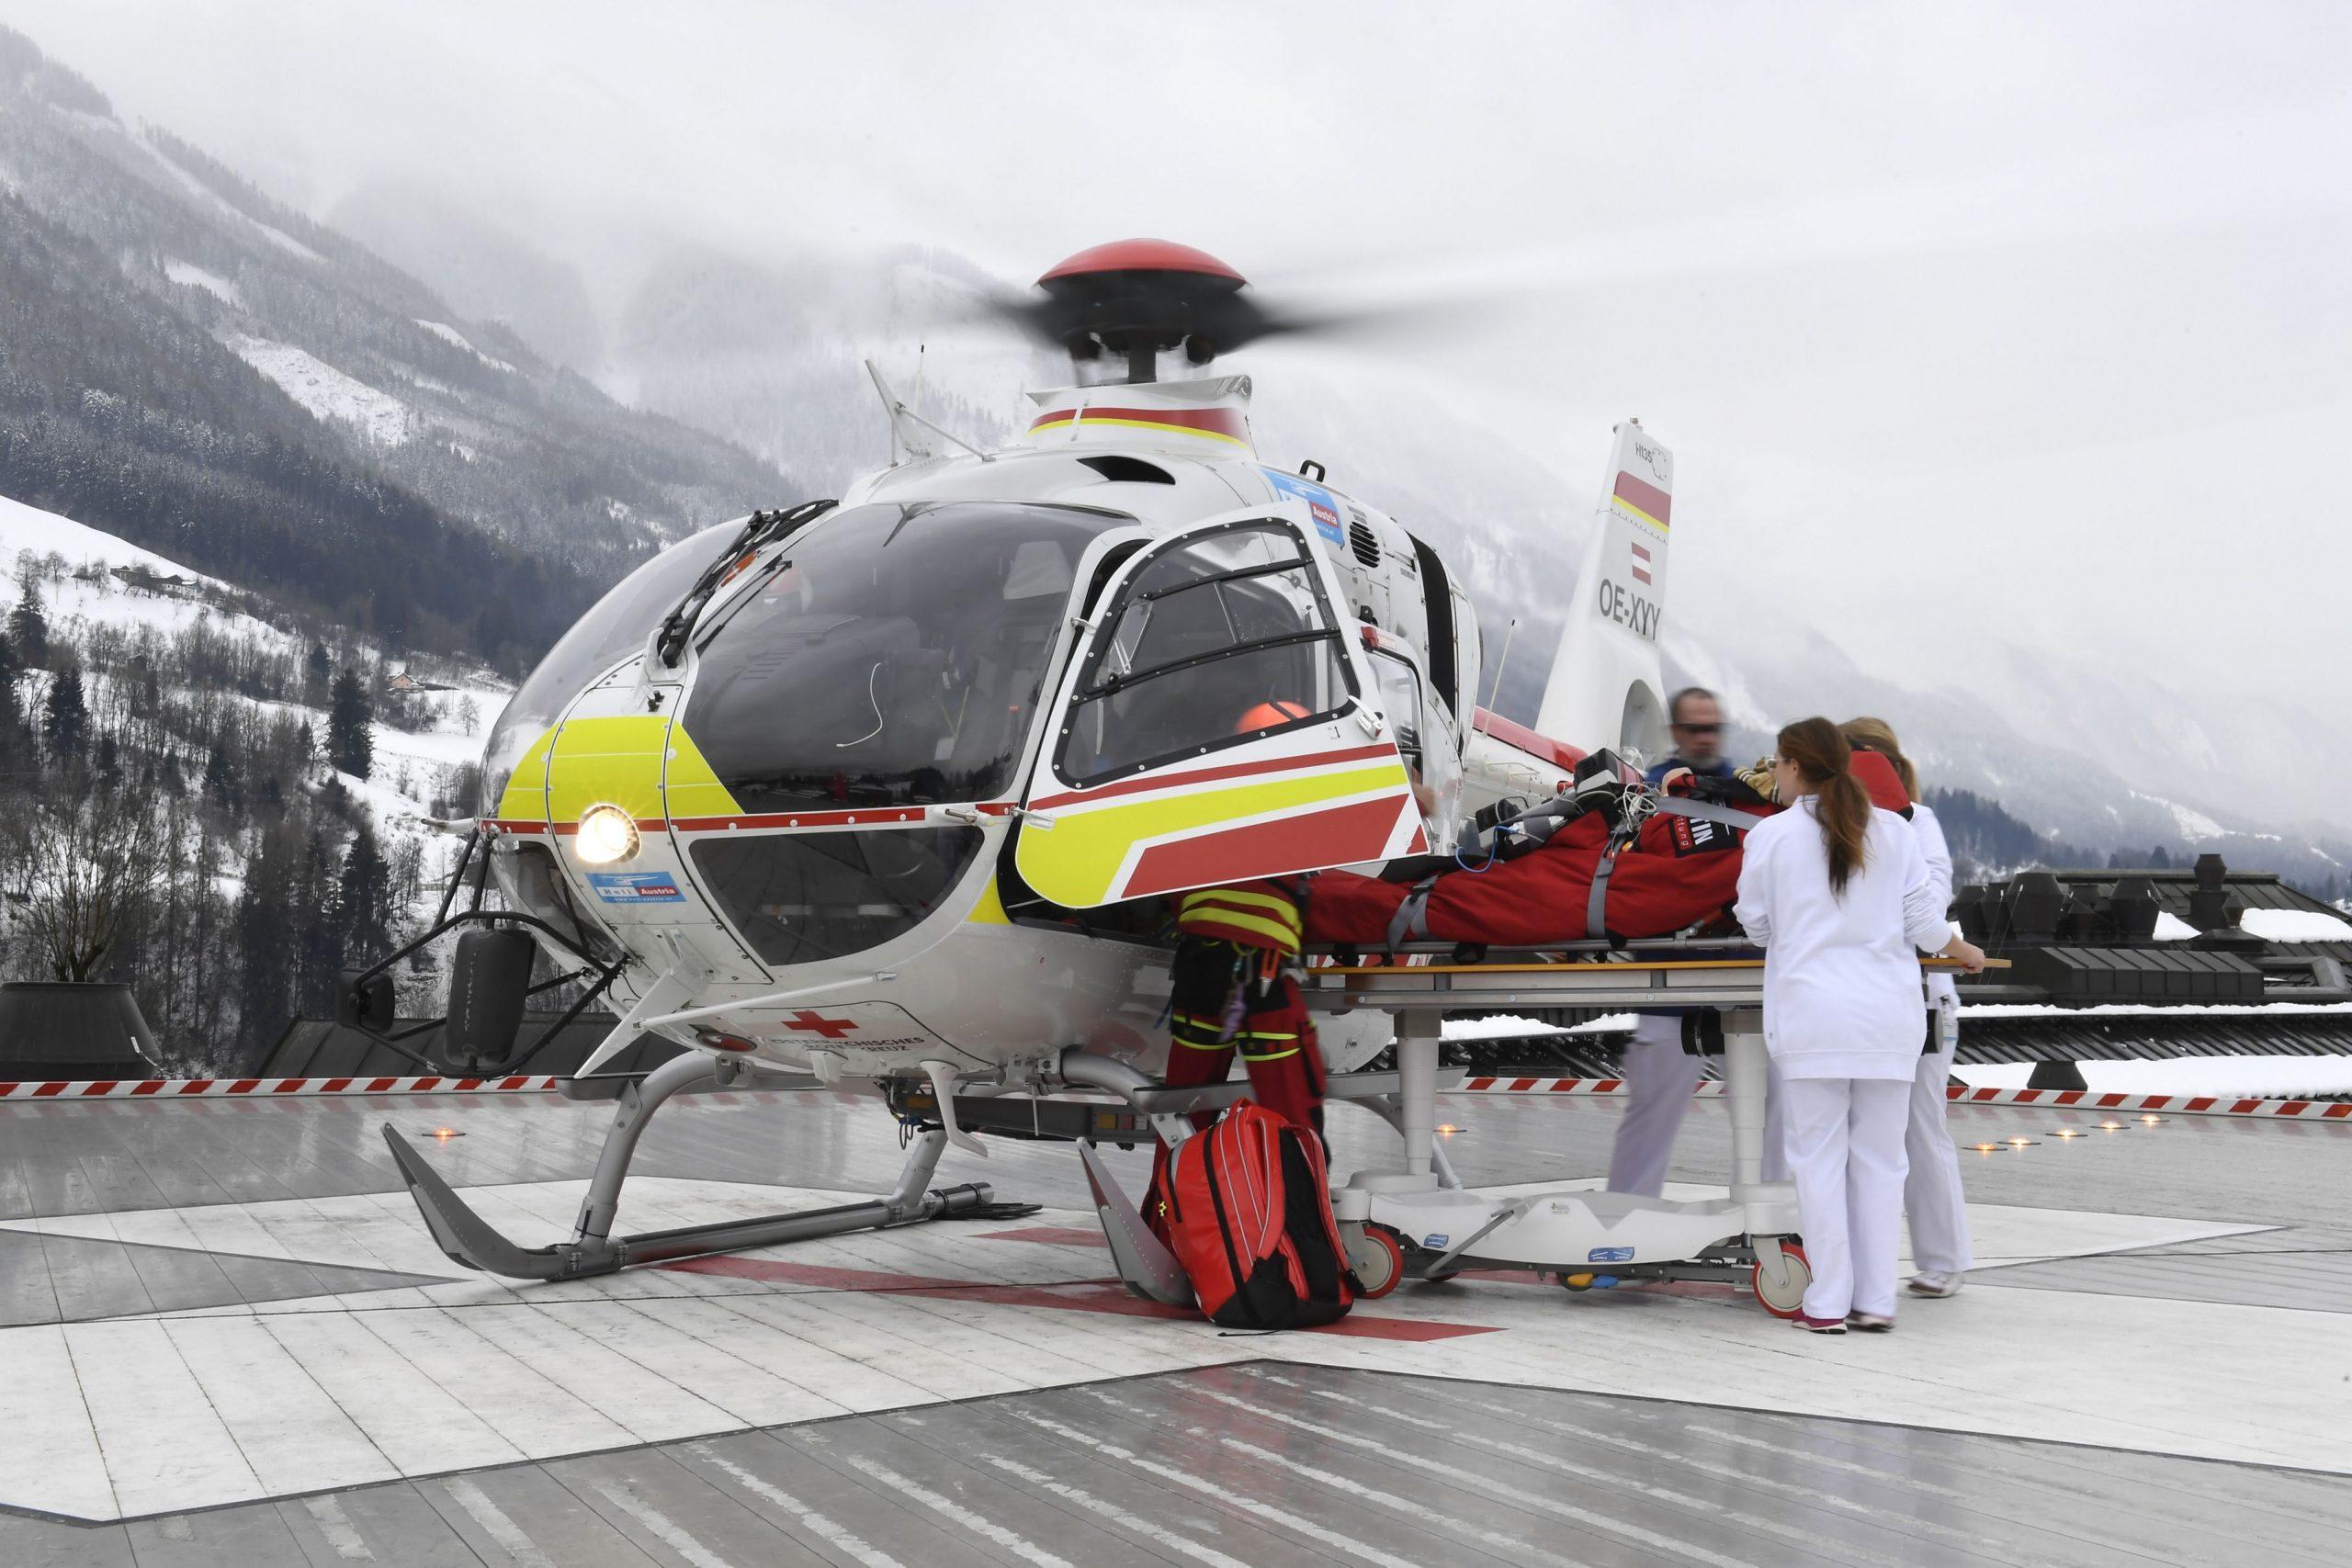 Skiferien kan være en dyr fornøjelse – også for rejseforsikringsselskaberne, sidste vintersæson brugte SOS International 12 millioner kroner på danske skiskader. Arkivpressefoto fra Airbus: Anthony Pecchi.